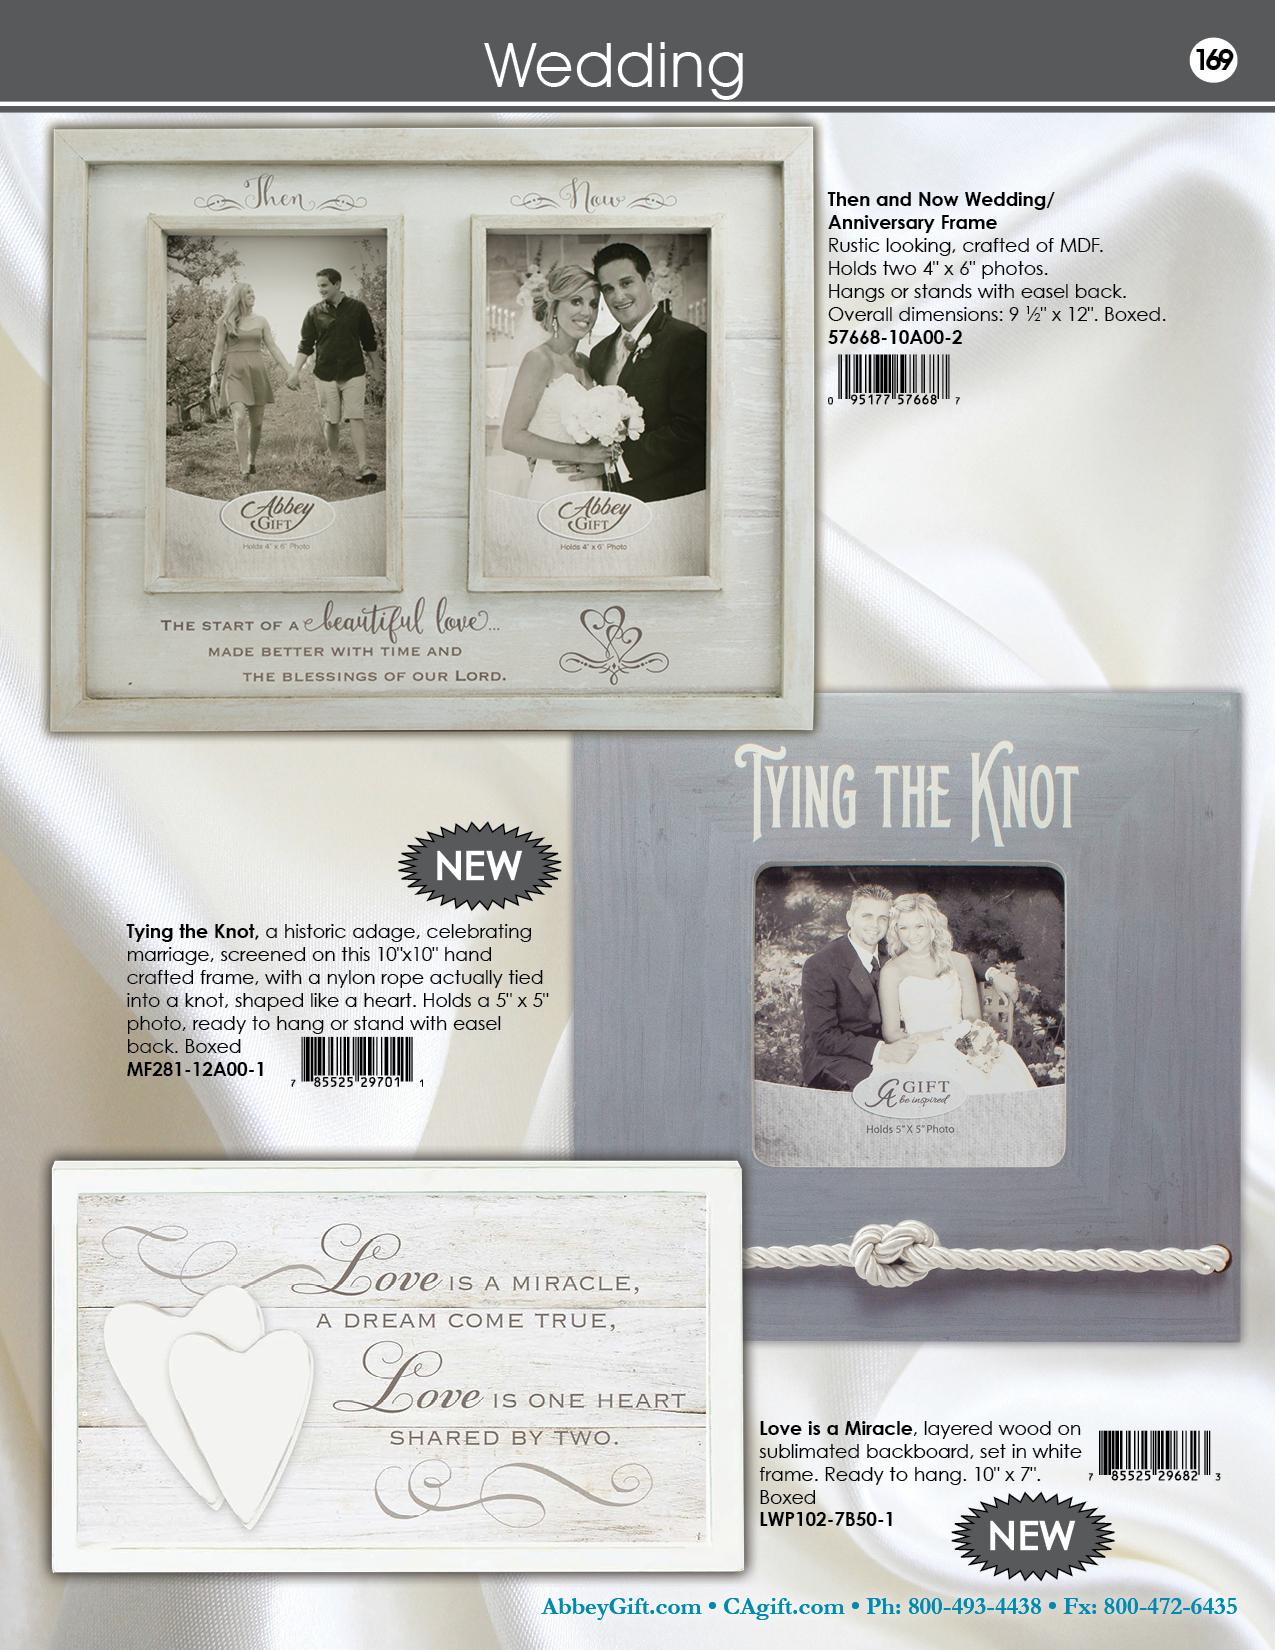 2019 Abbey CA Gift Catalog 169